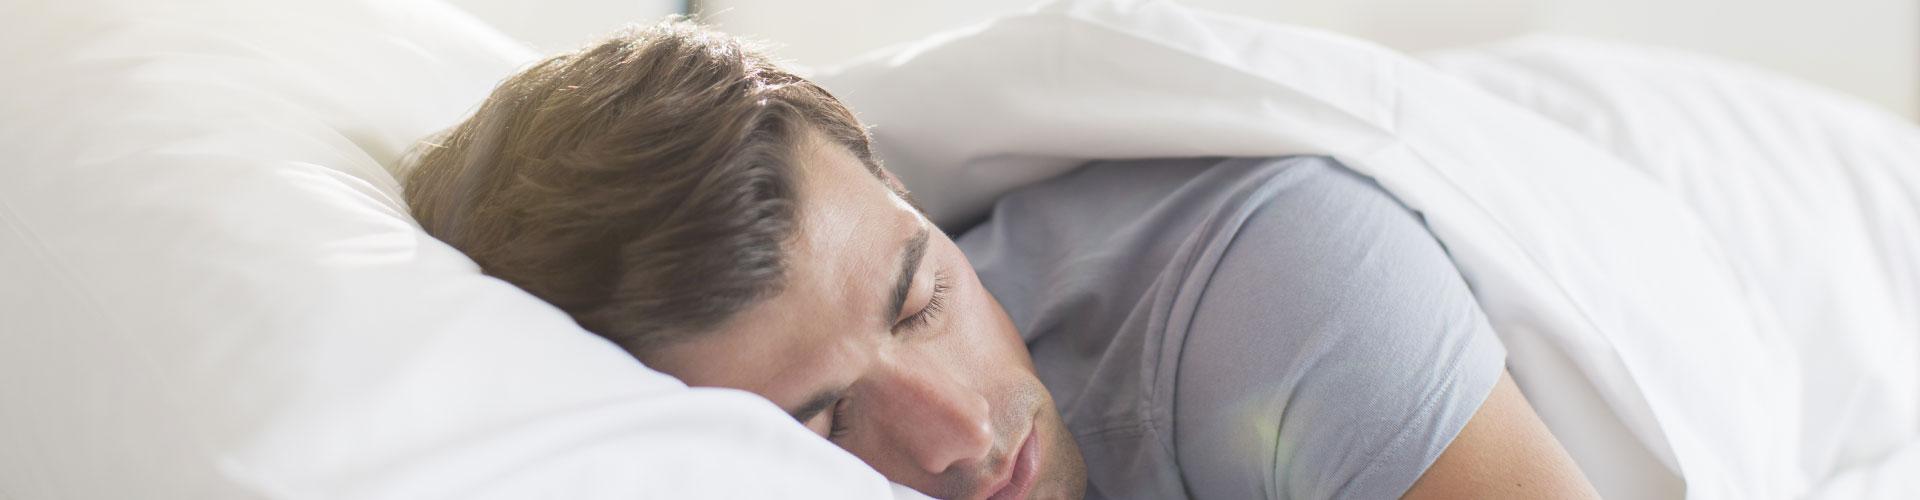 Estudio del sueño